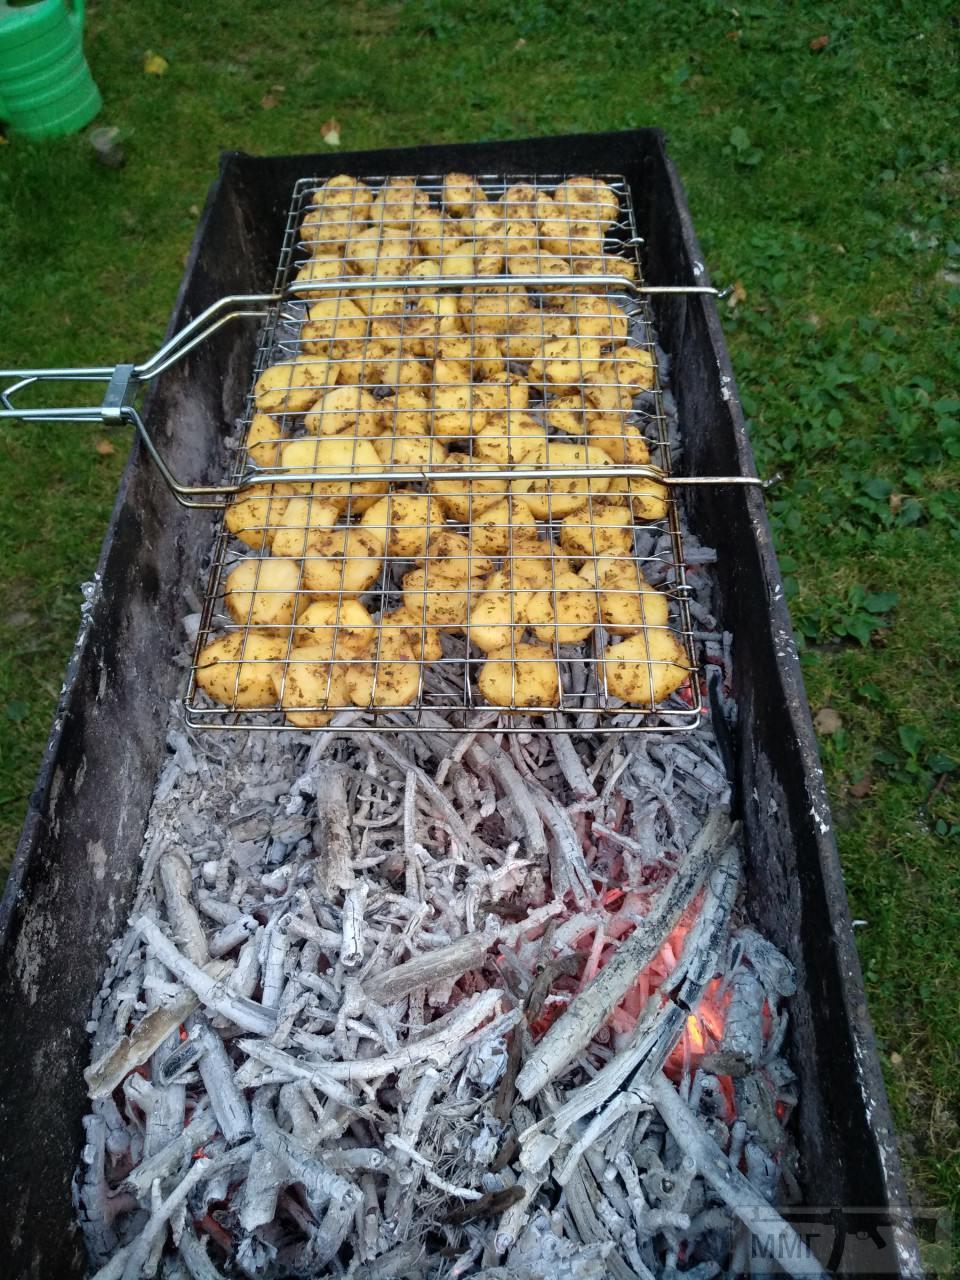 109109 - Закуски на огне (мангал, барбекю и т.д.) и кулинария вообще. Советы и рецепты.